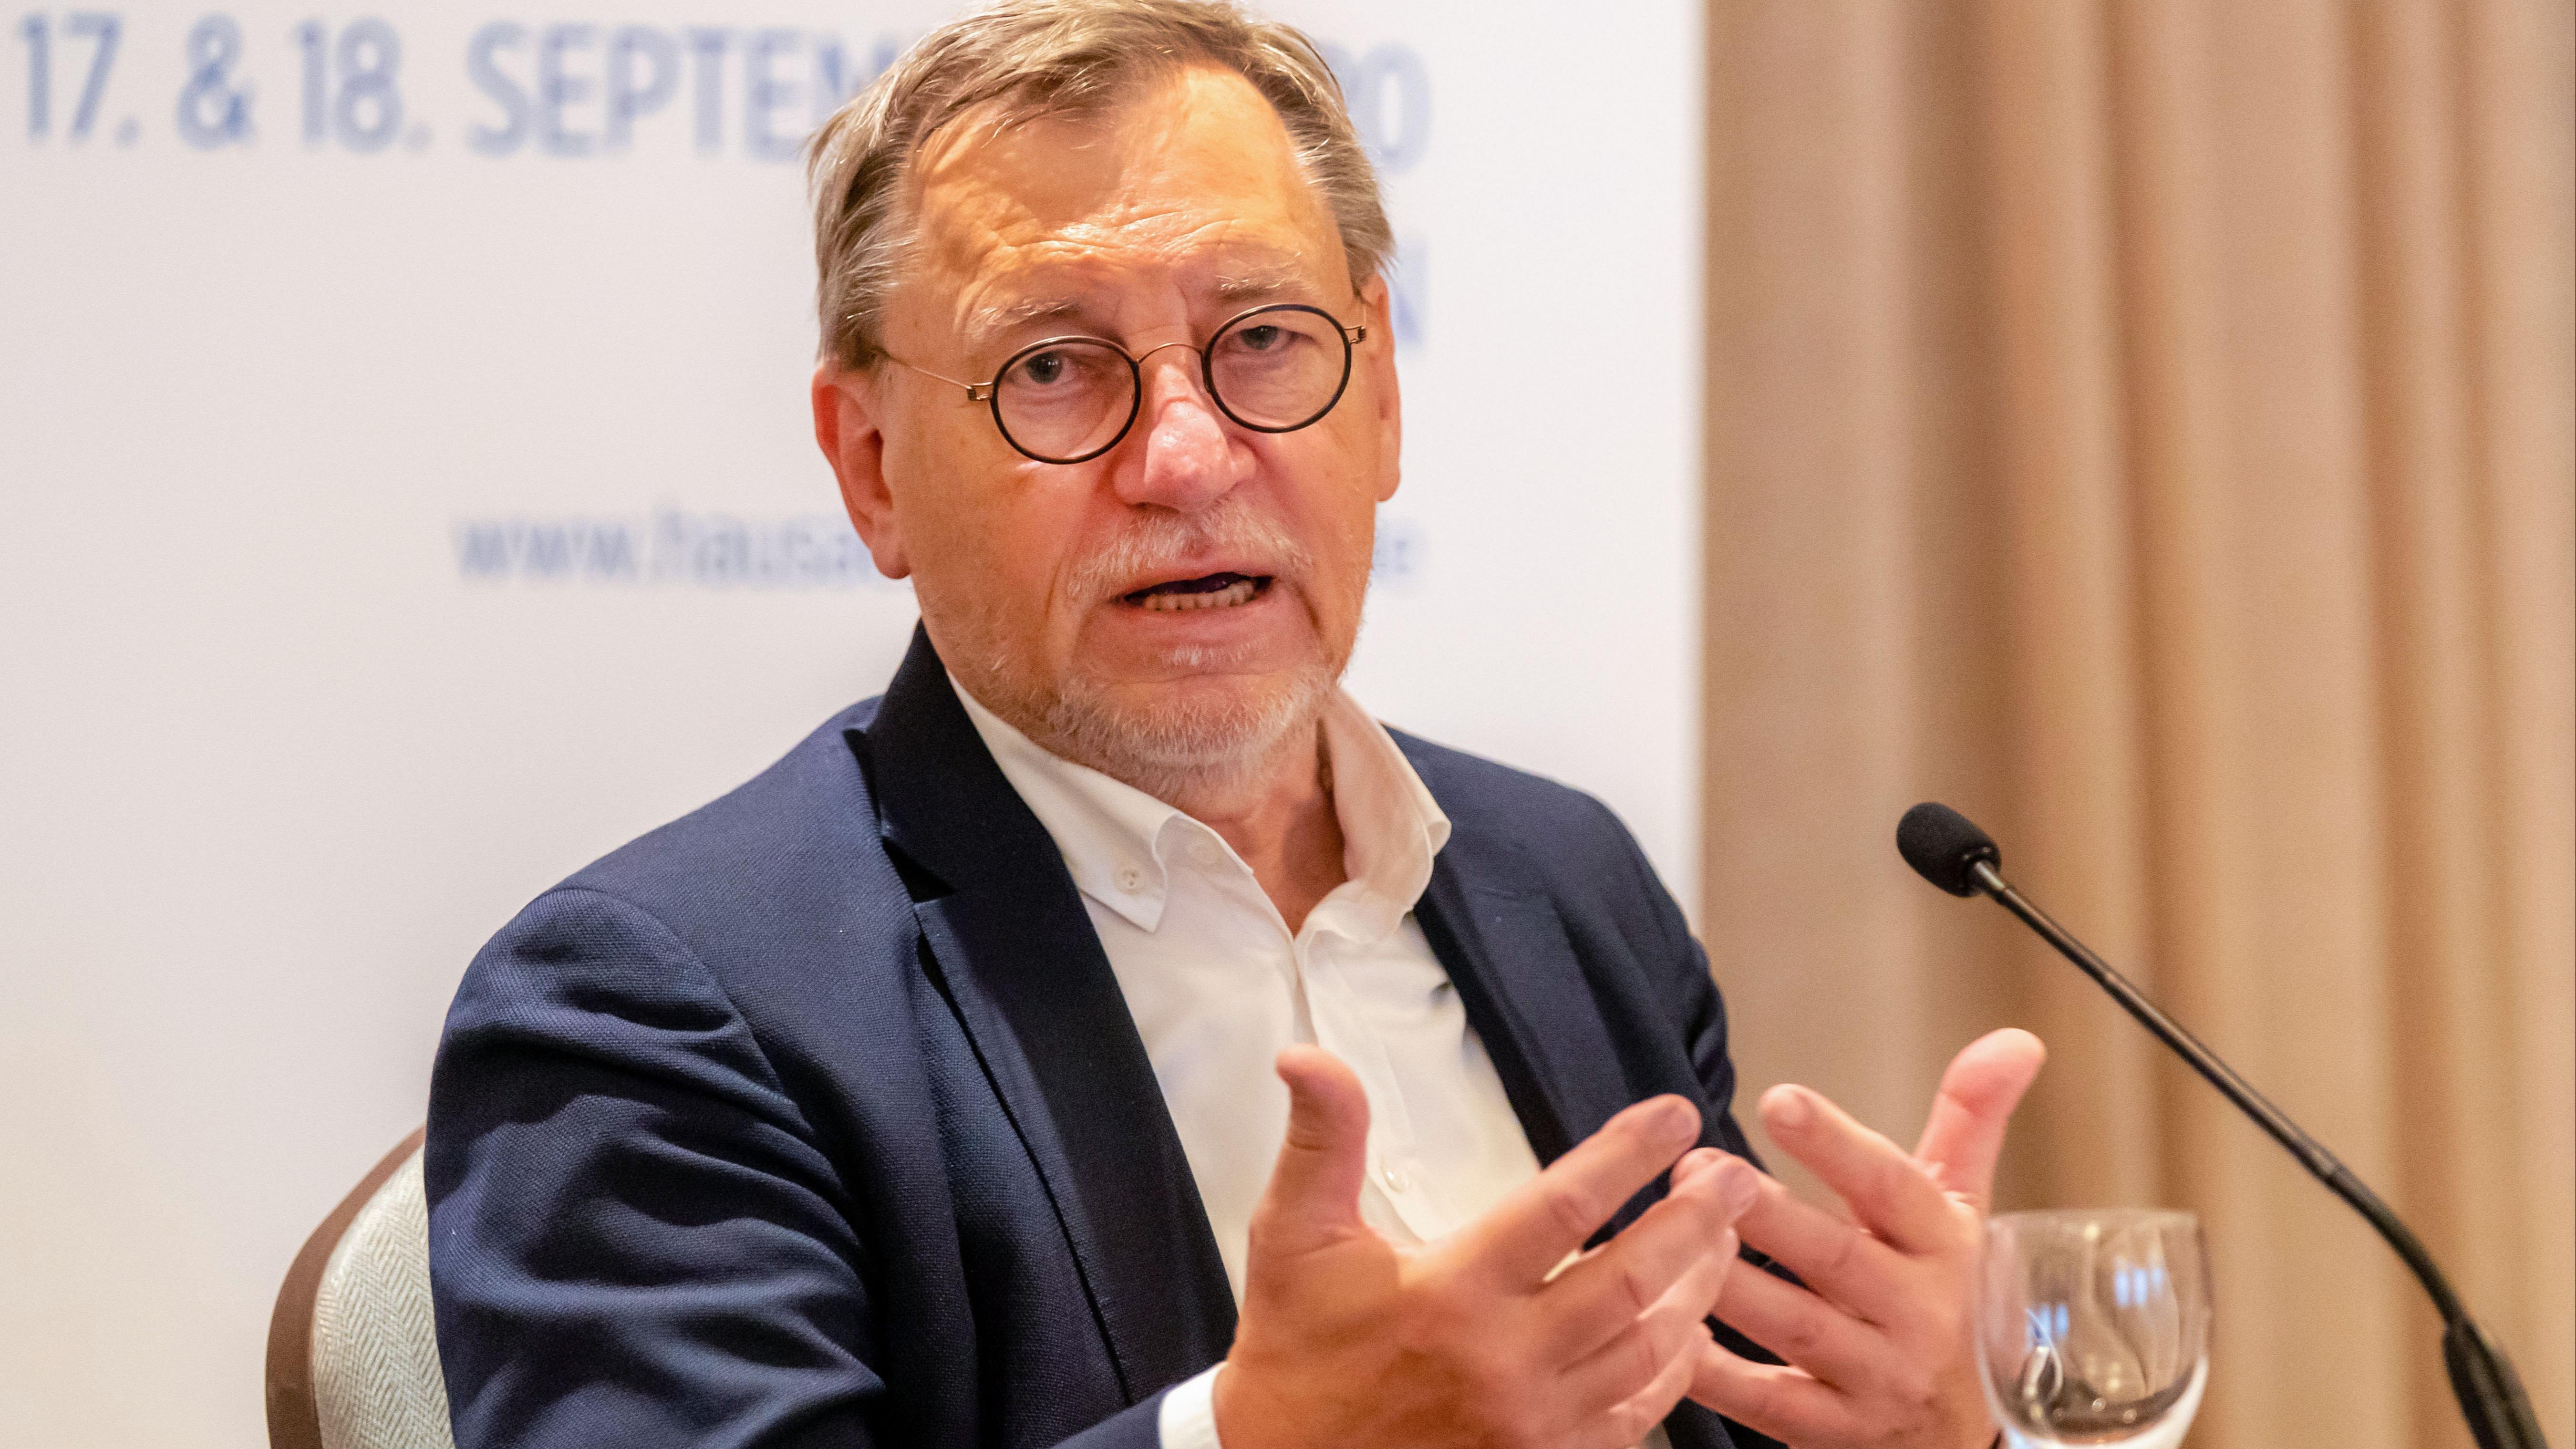 Ulrich Weigeldt